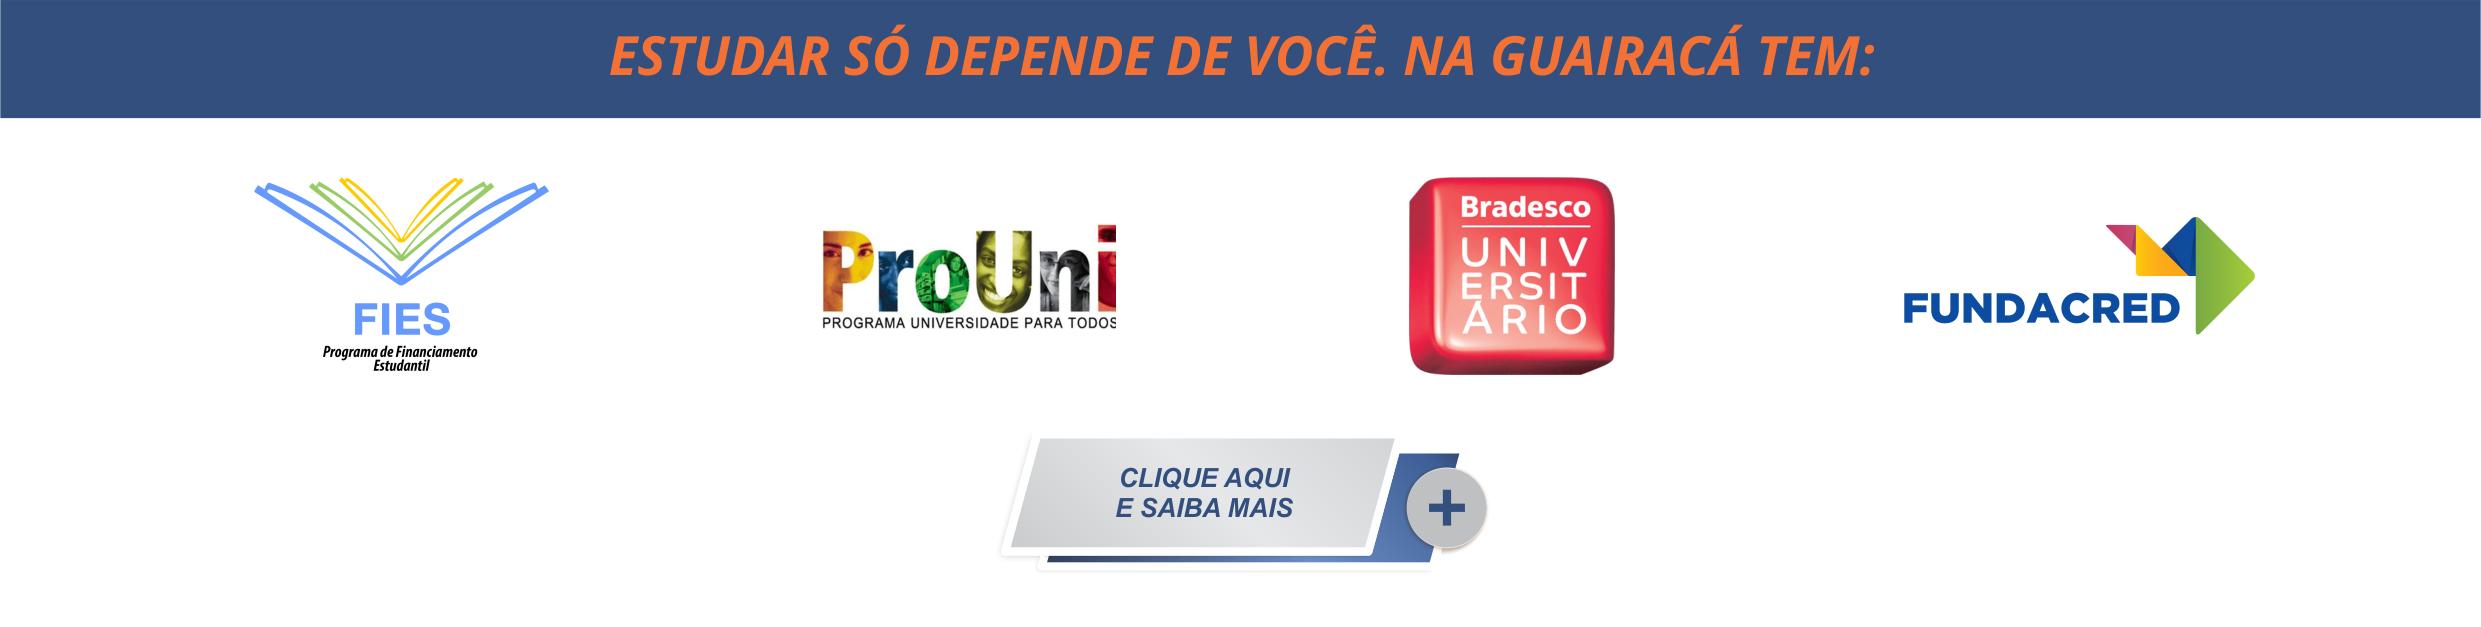 botao_financiamentos